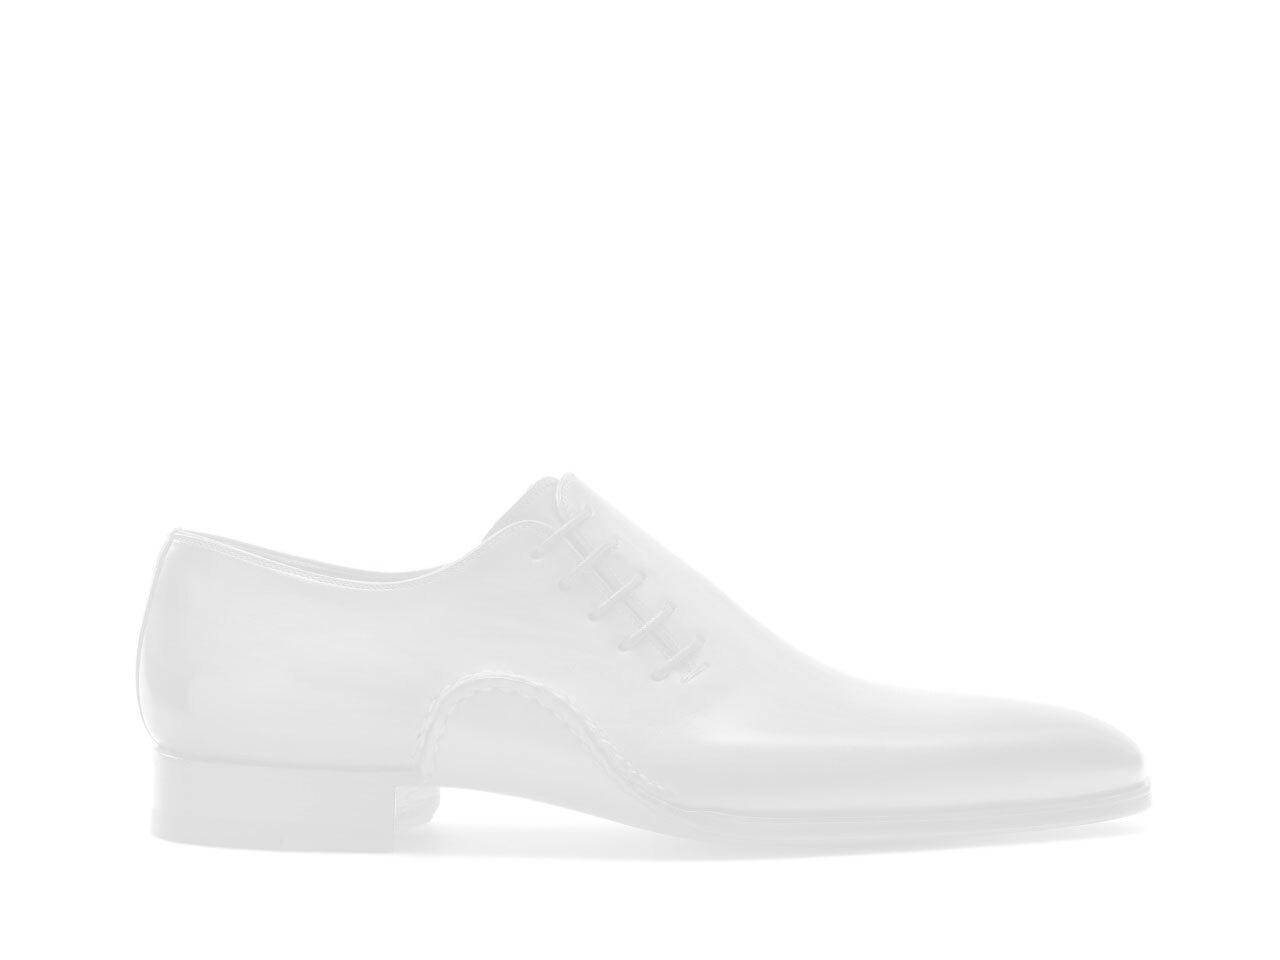 Side view of the Magnanni Jeffery Cognac Men's Double Monk Strap Shoes